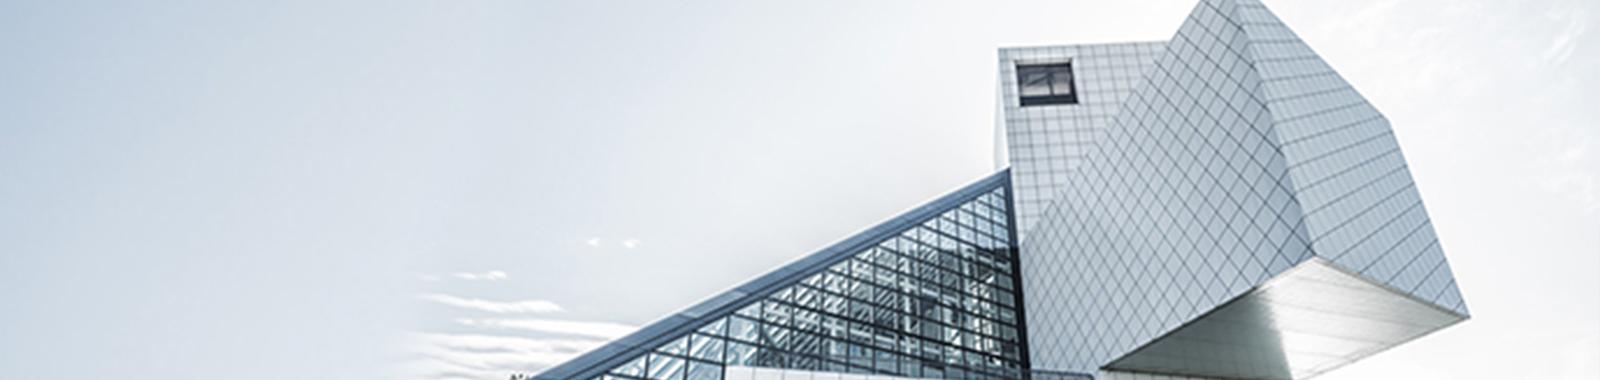 常德房地产m6米乐app官网下载建设,常德房地产m6米乐app官网下载设计方案